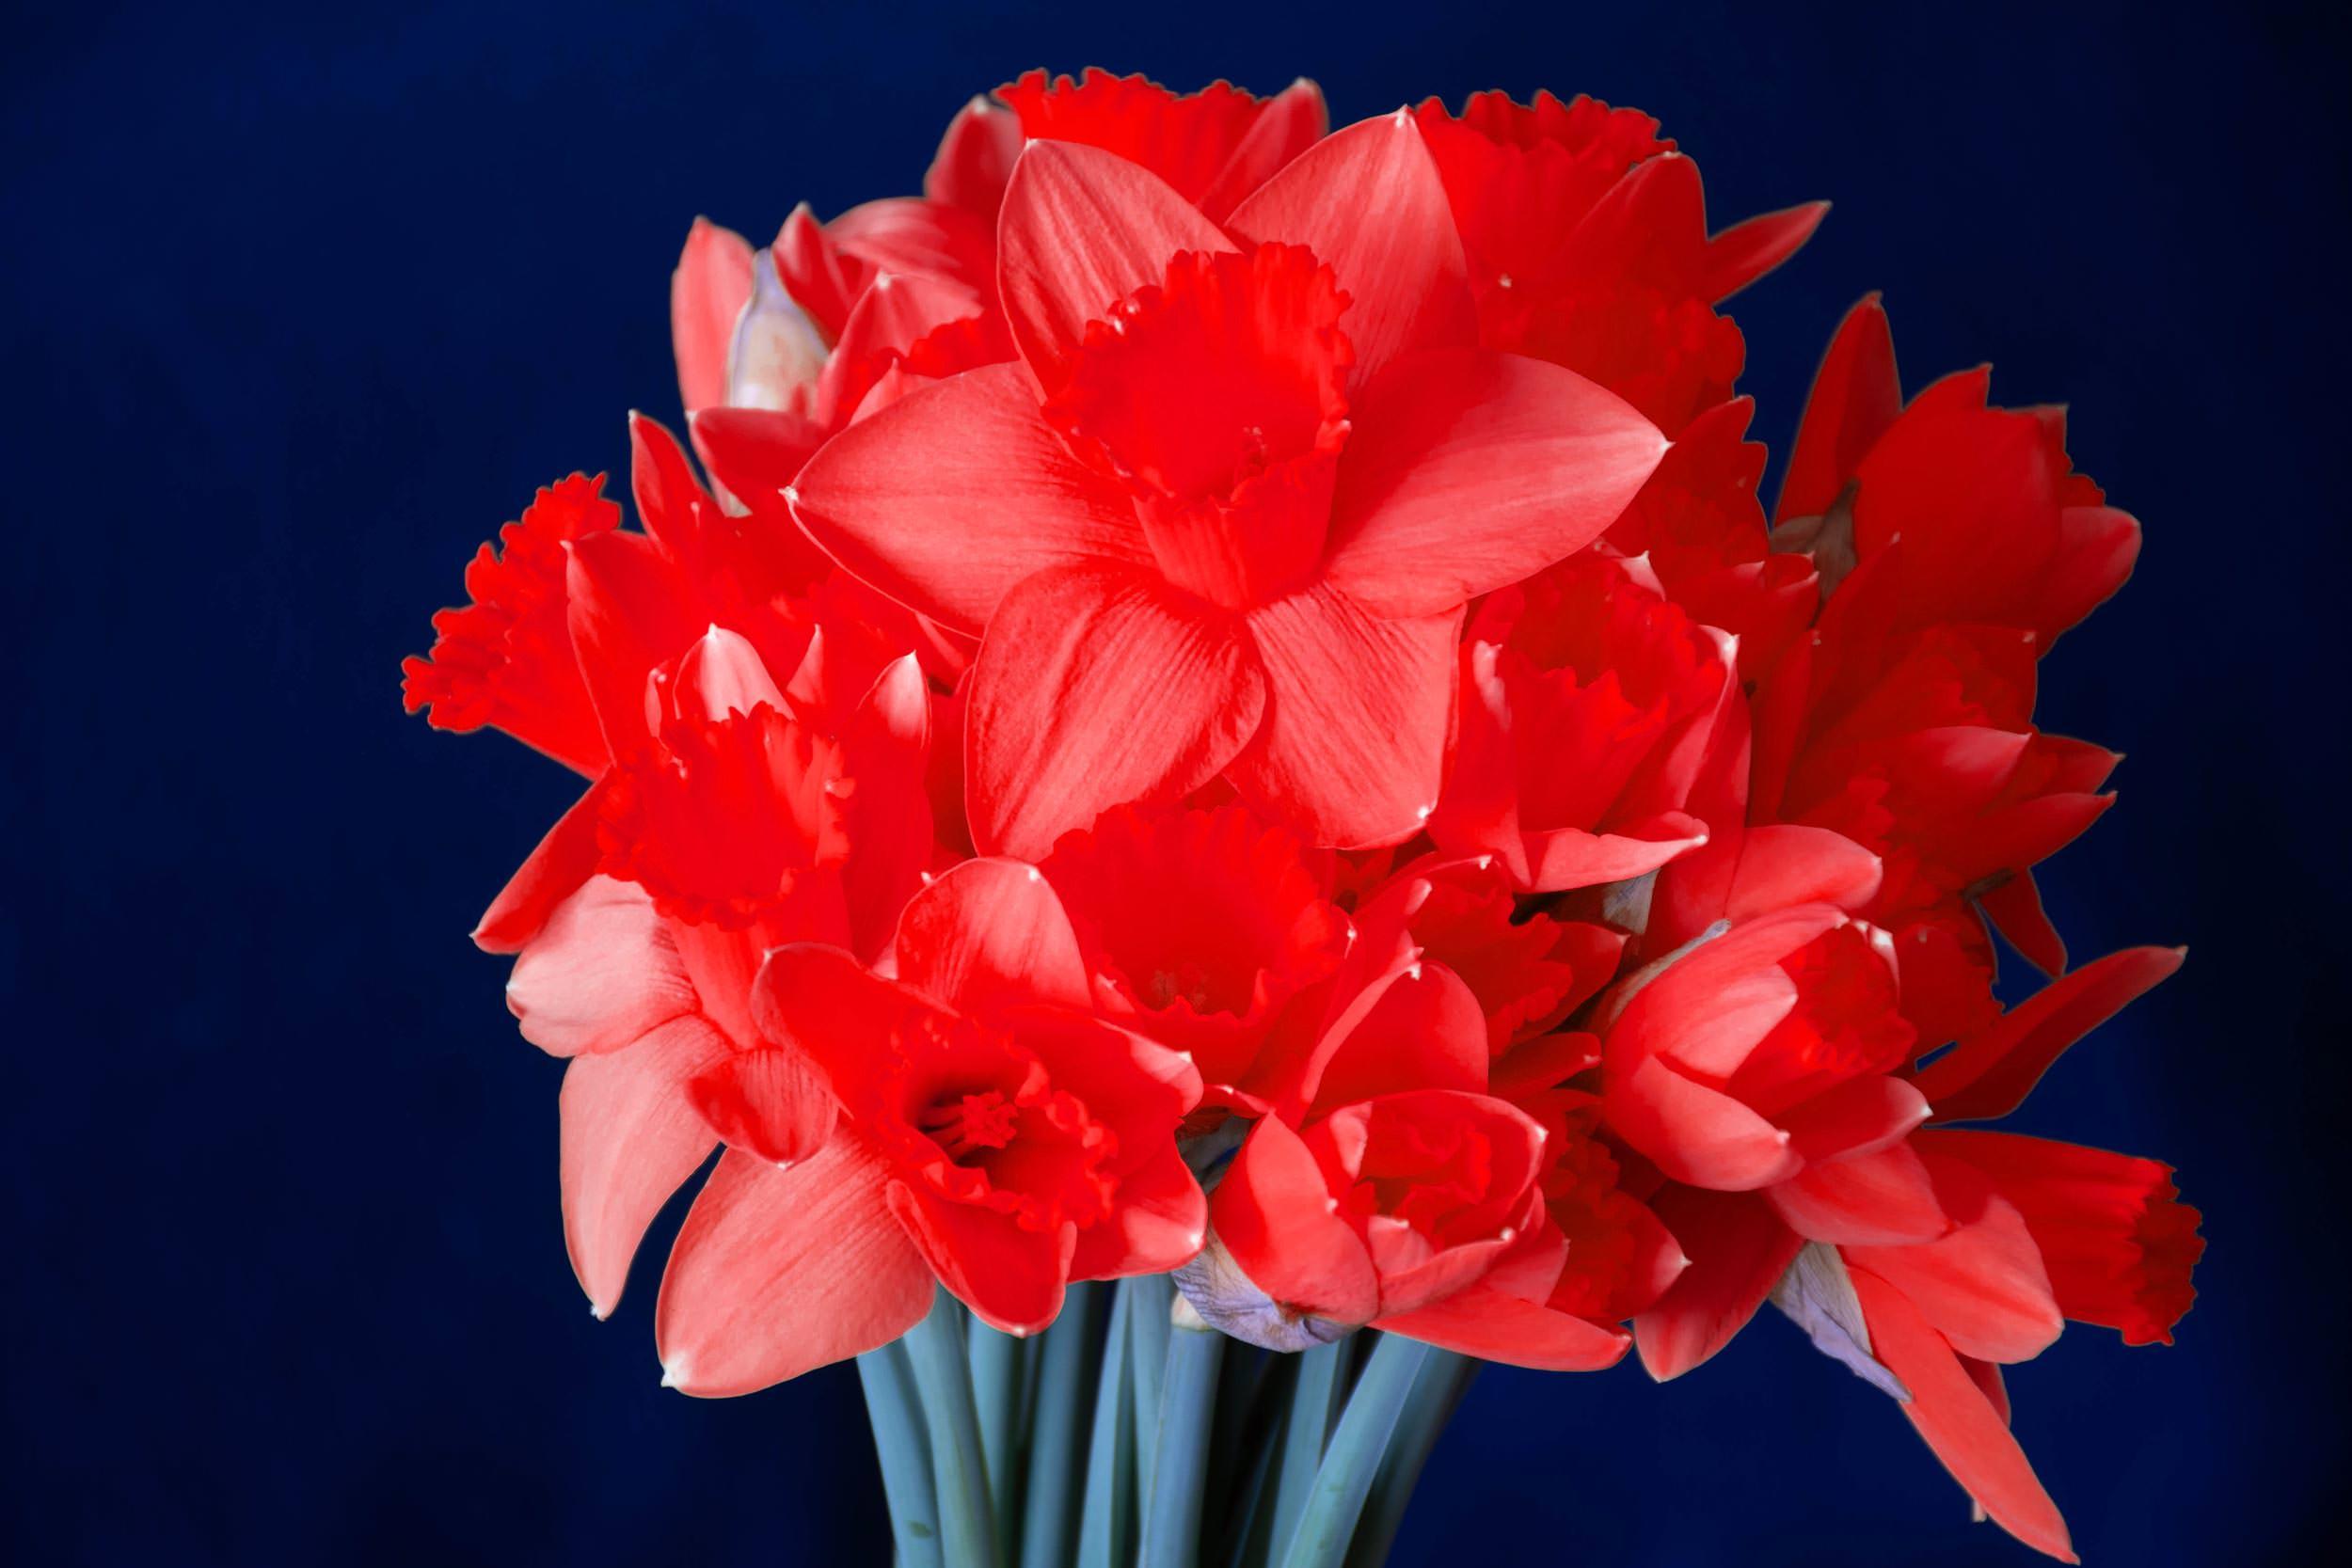 εορτολόγιο γιορτή σήμερα λουλούδι